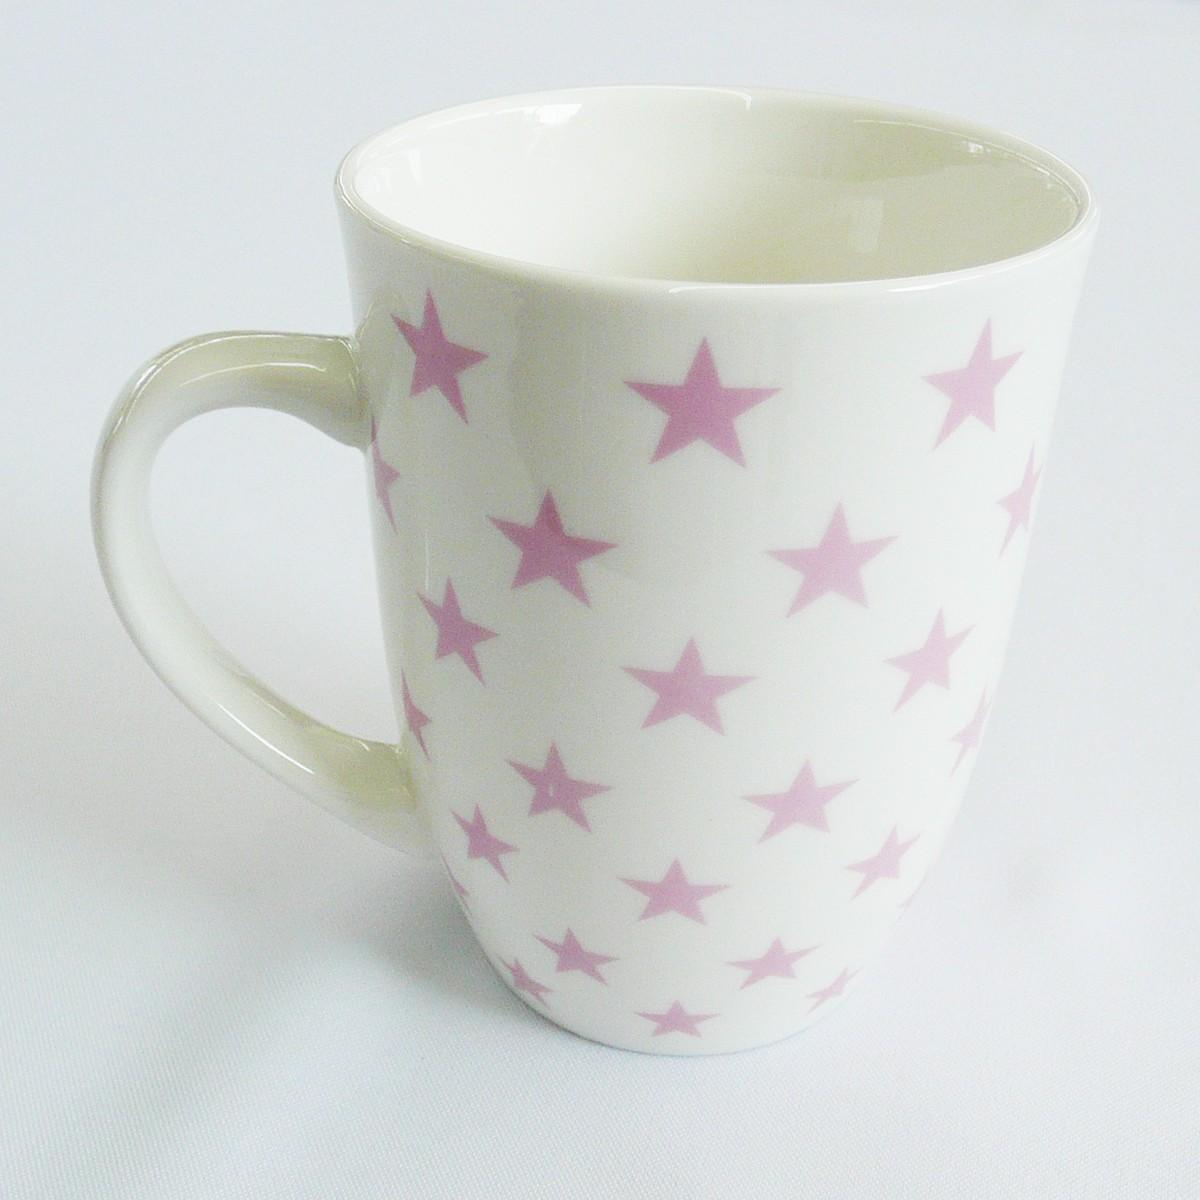 mea living kaffee tasse becher wei mit sterne rosa wohnen kochen und genie en geschirr gl ser. Black Bedroom Furniture Sets. Home Design Ideas